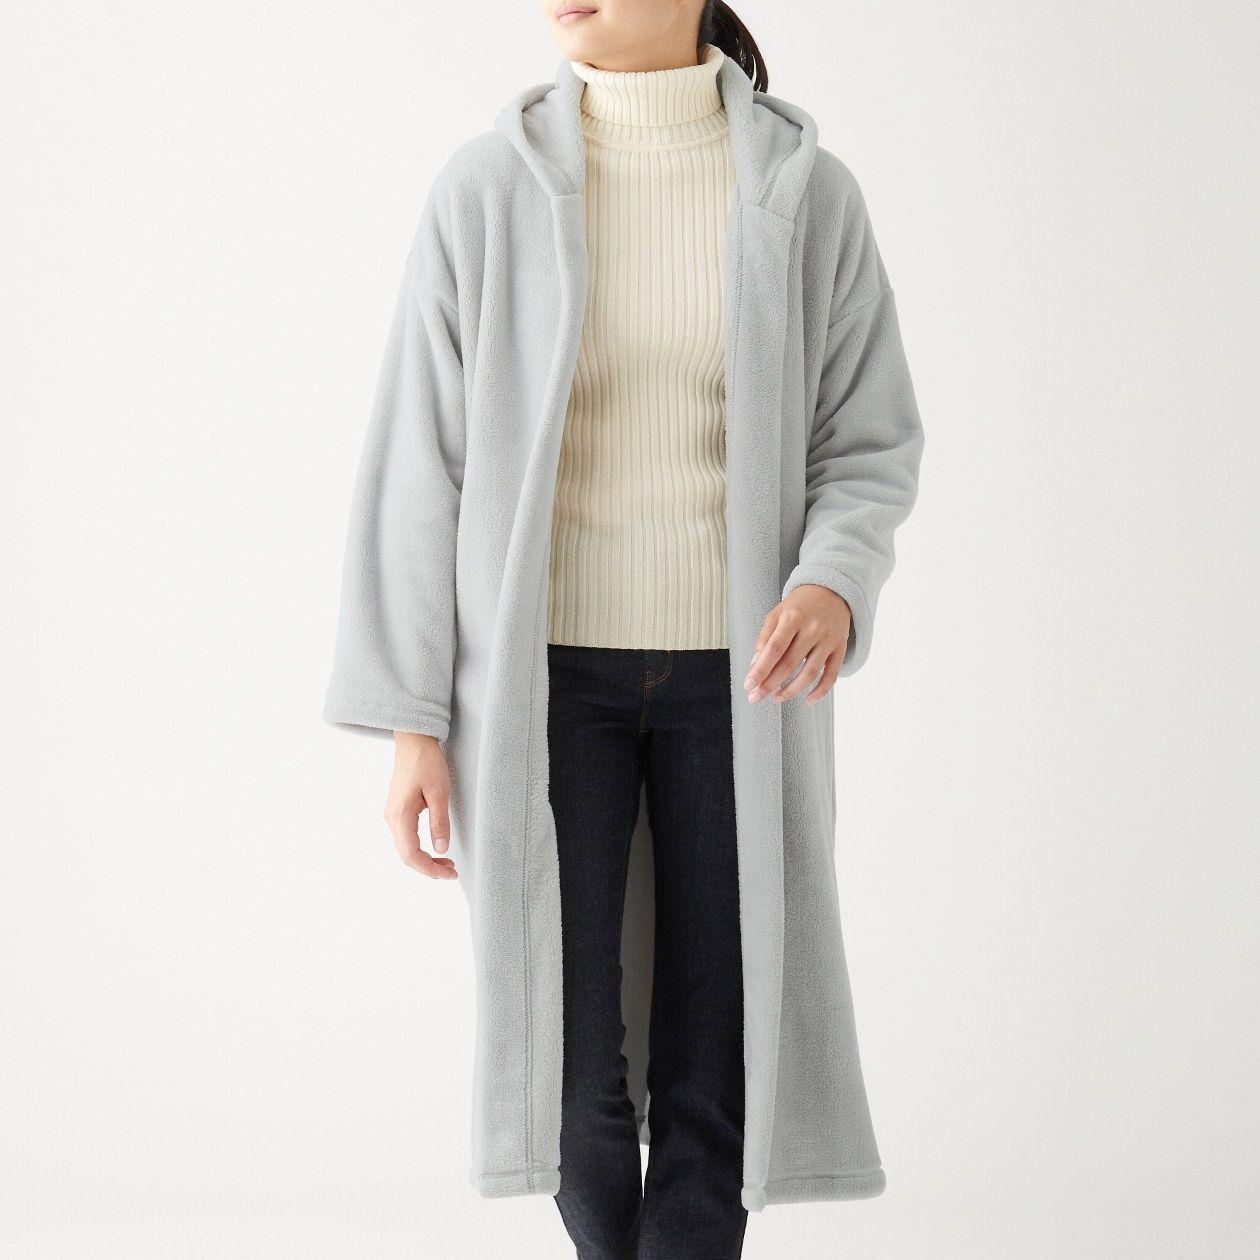 あたたかファイバー着る毛布フード付ガウンコート